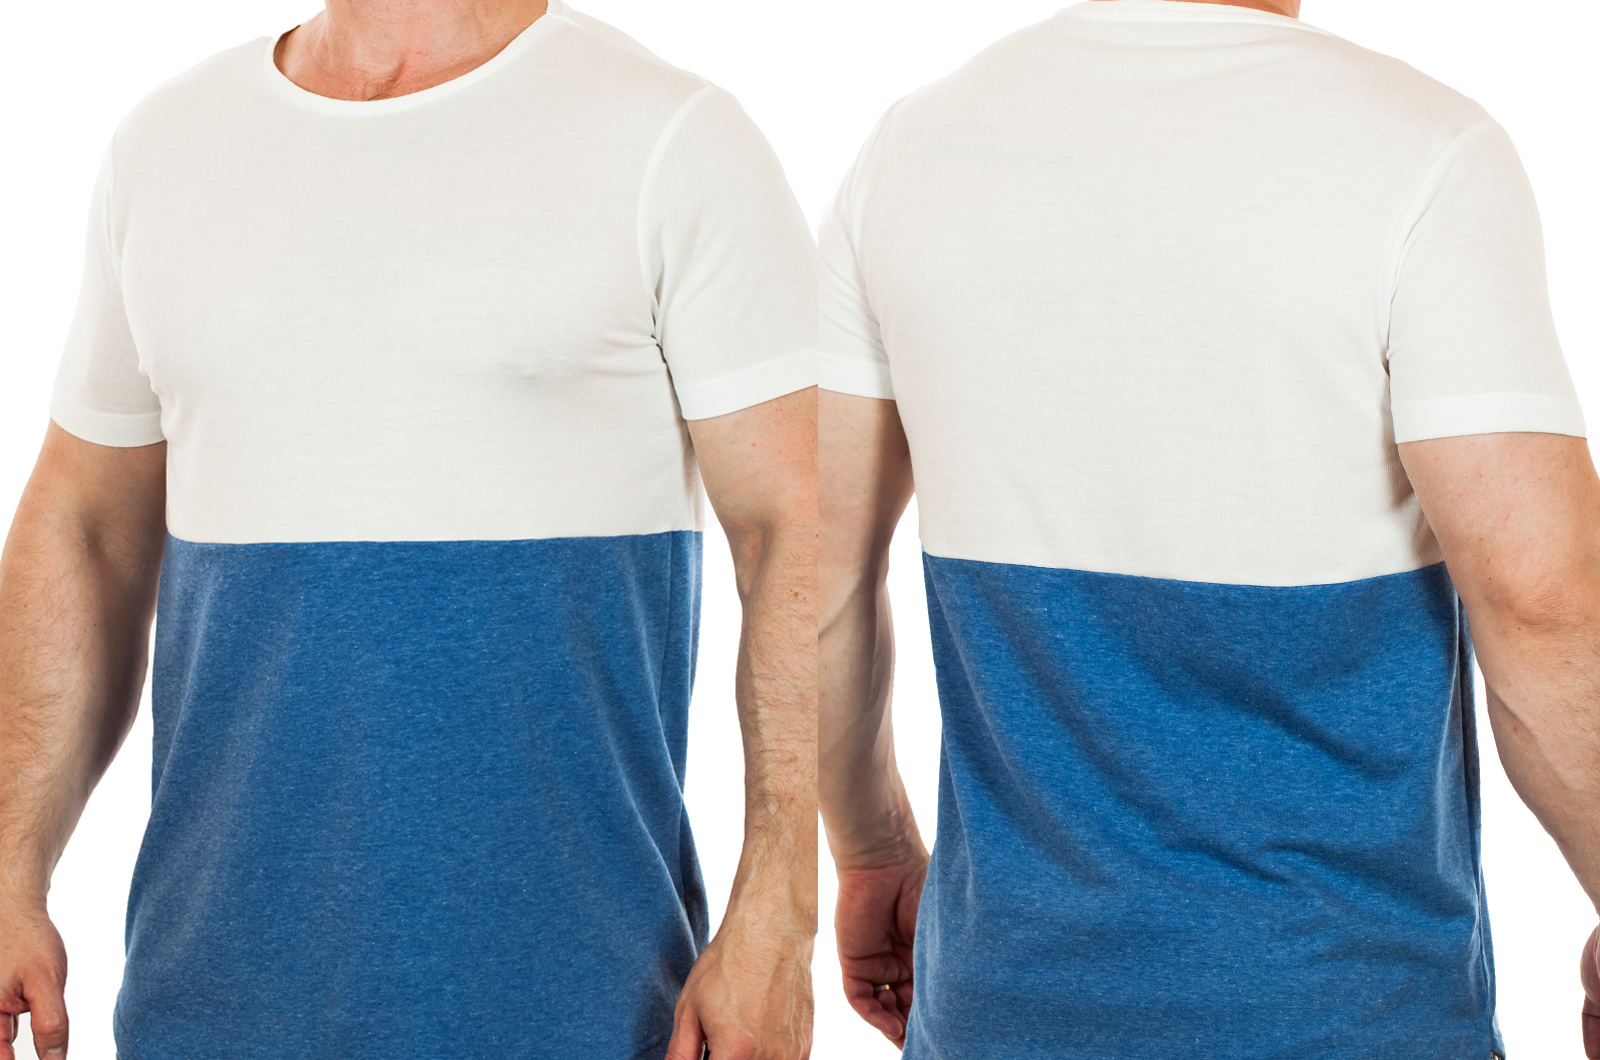 Двухцветная мужская футболка Splash – для любителей женского внимания!